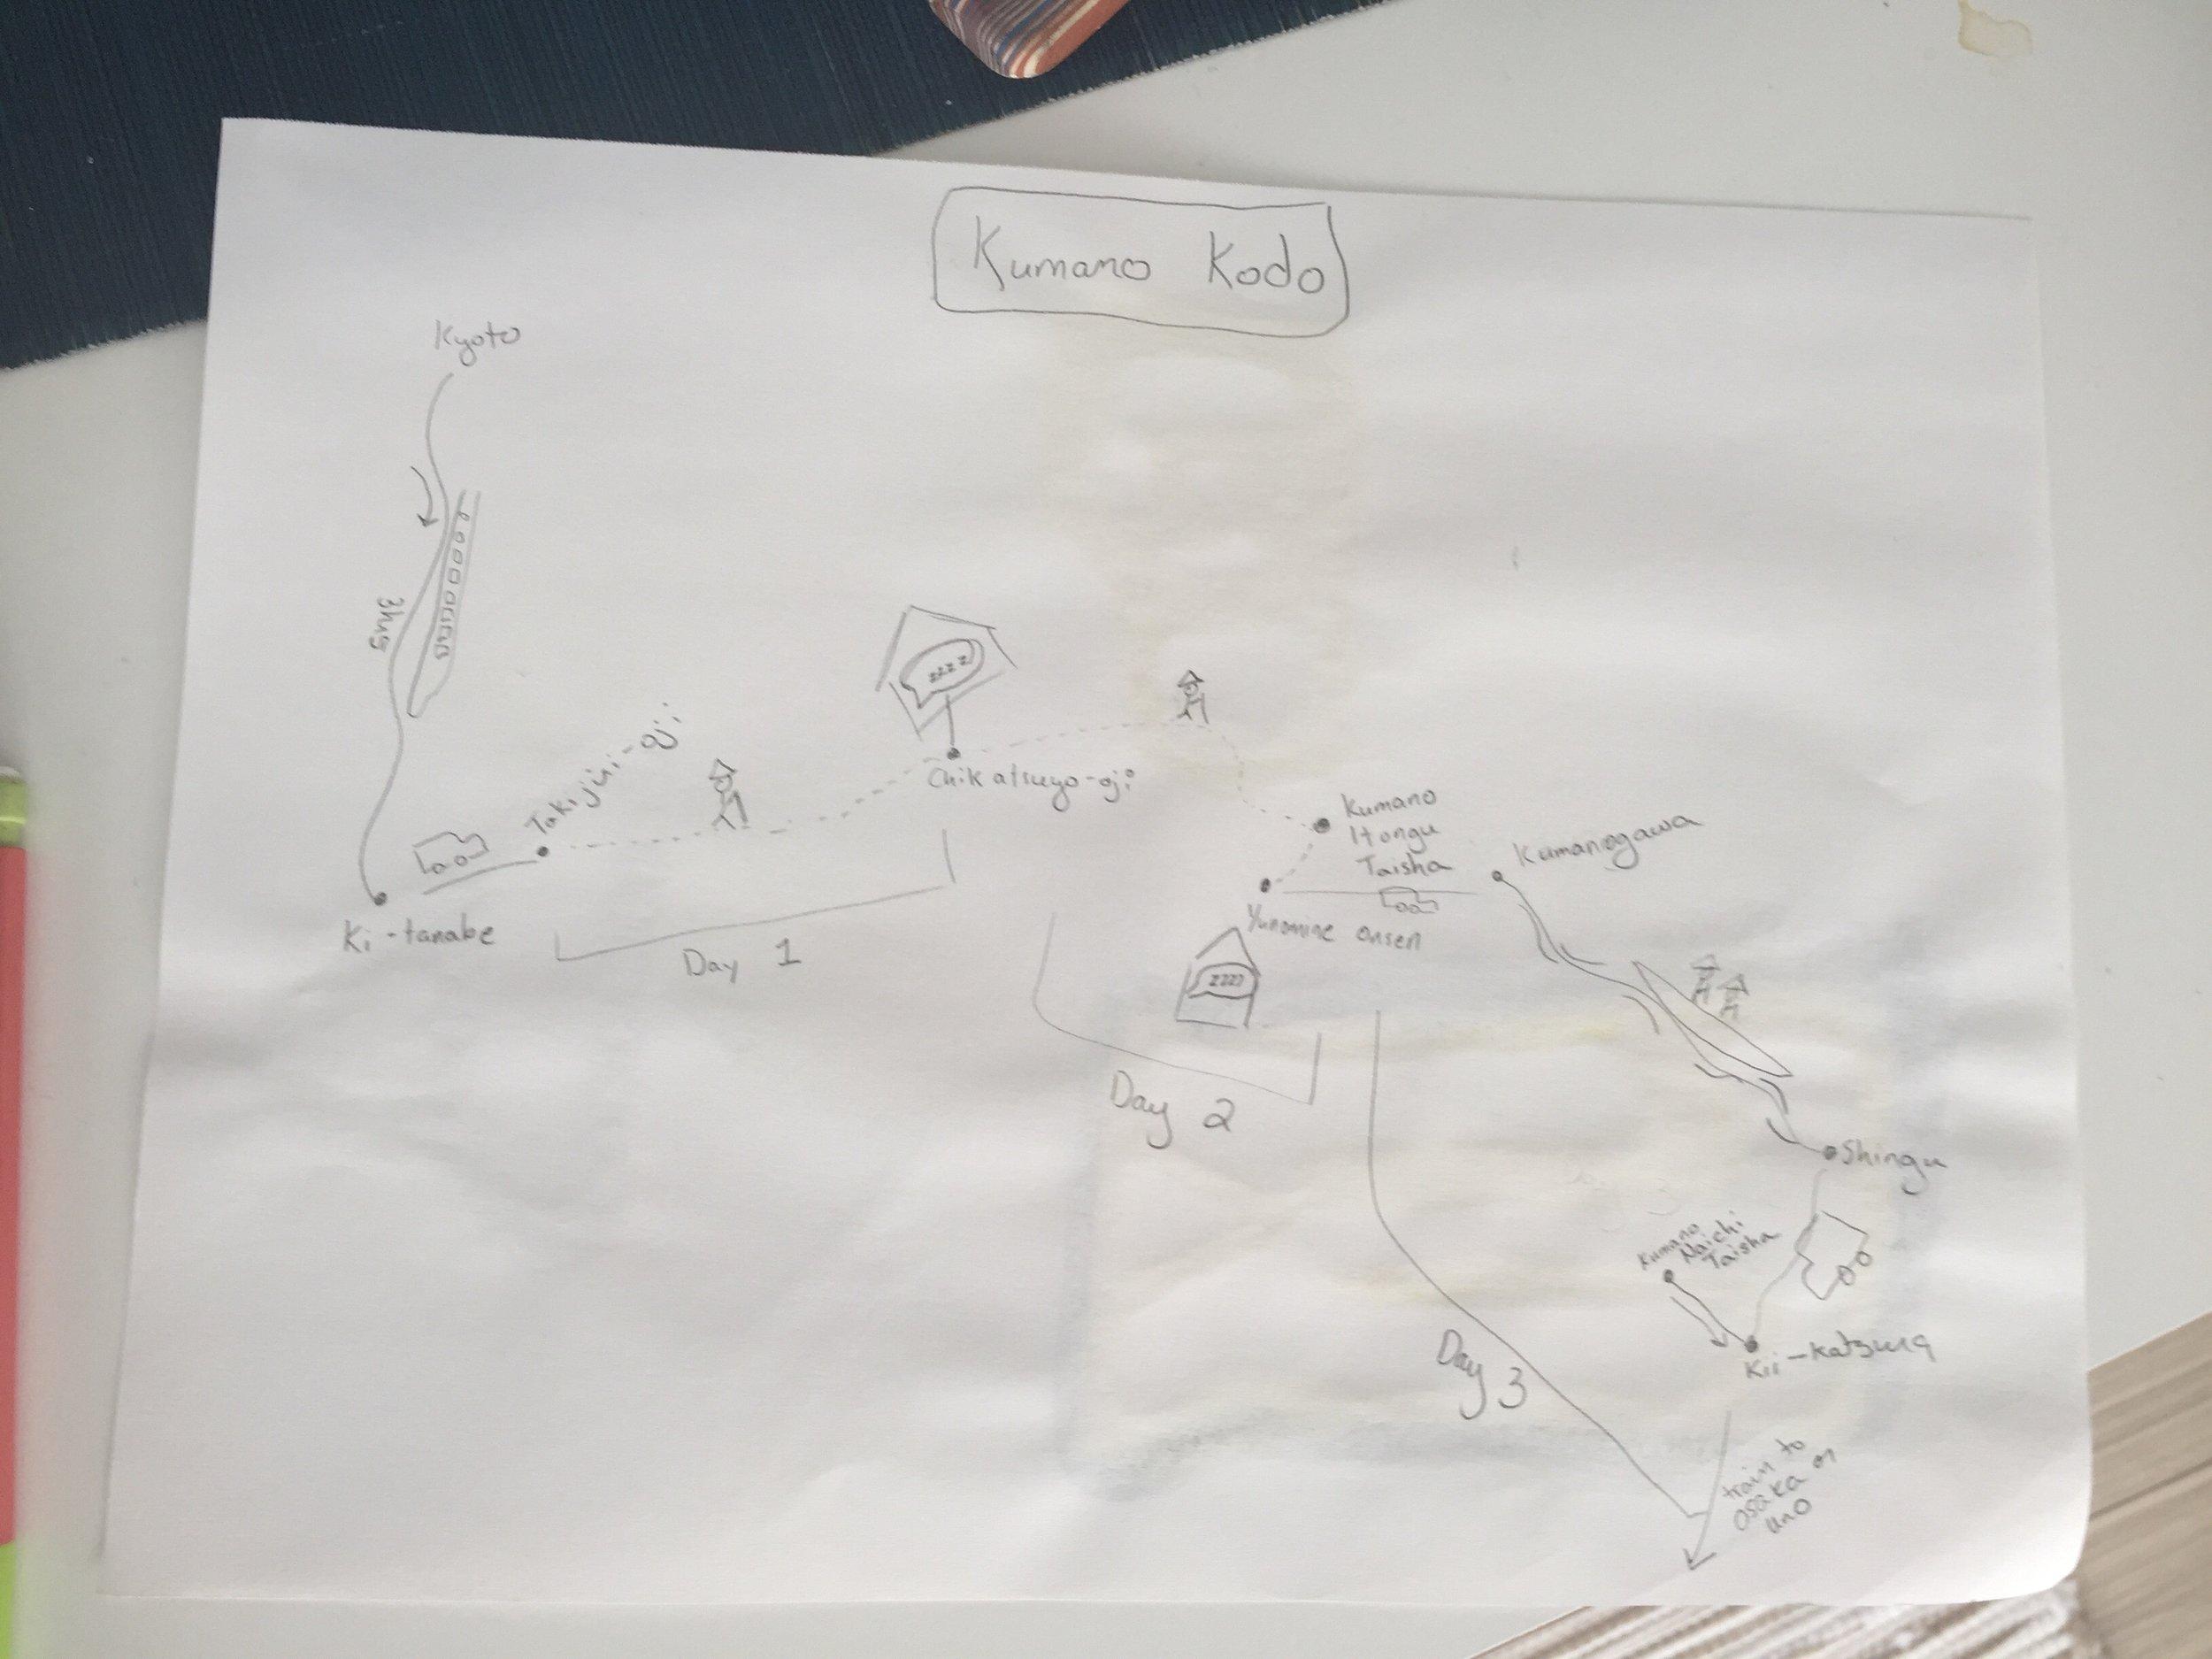 Kumano Kodo Itinerary